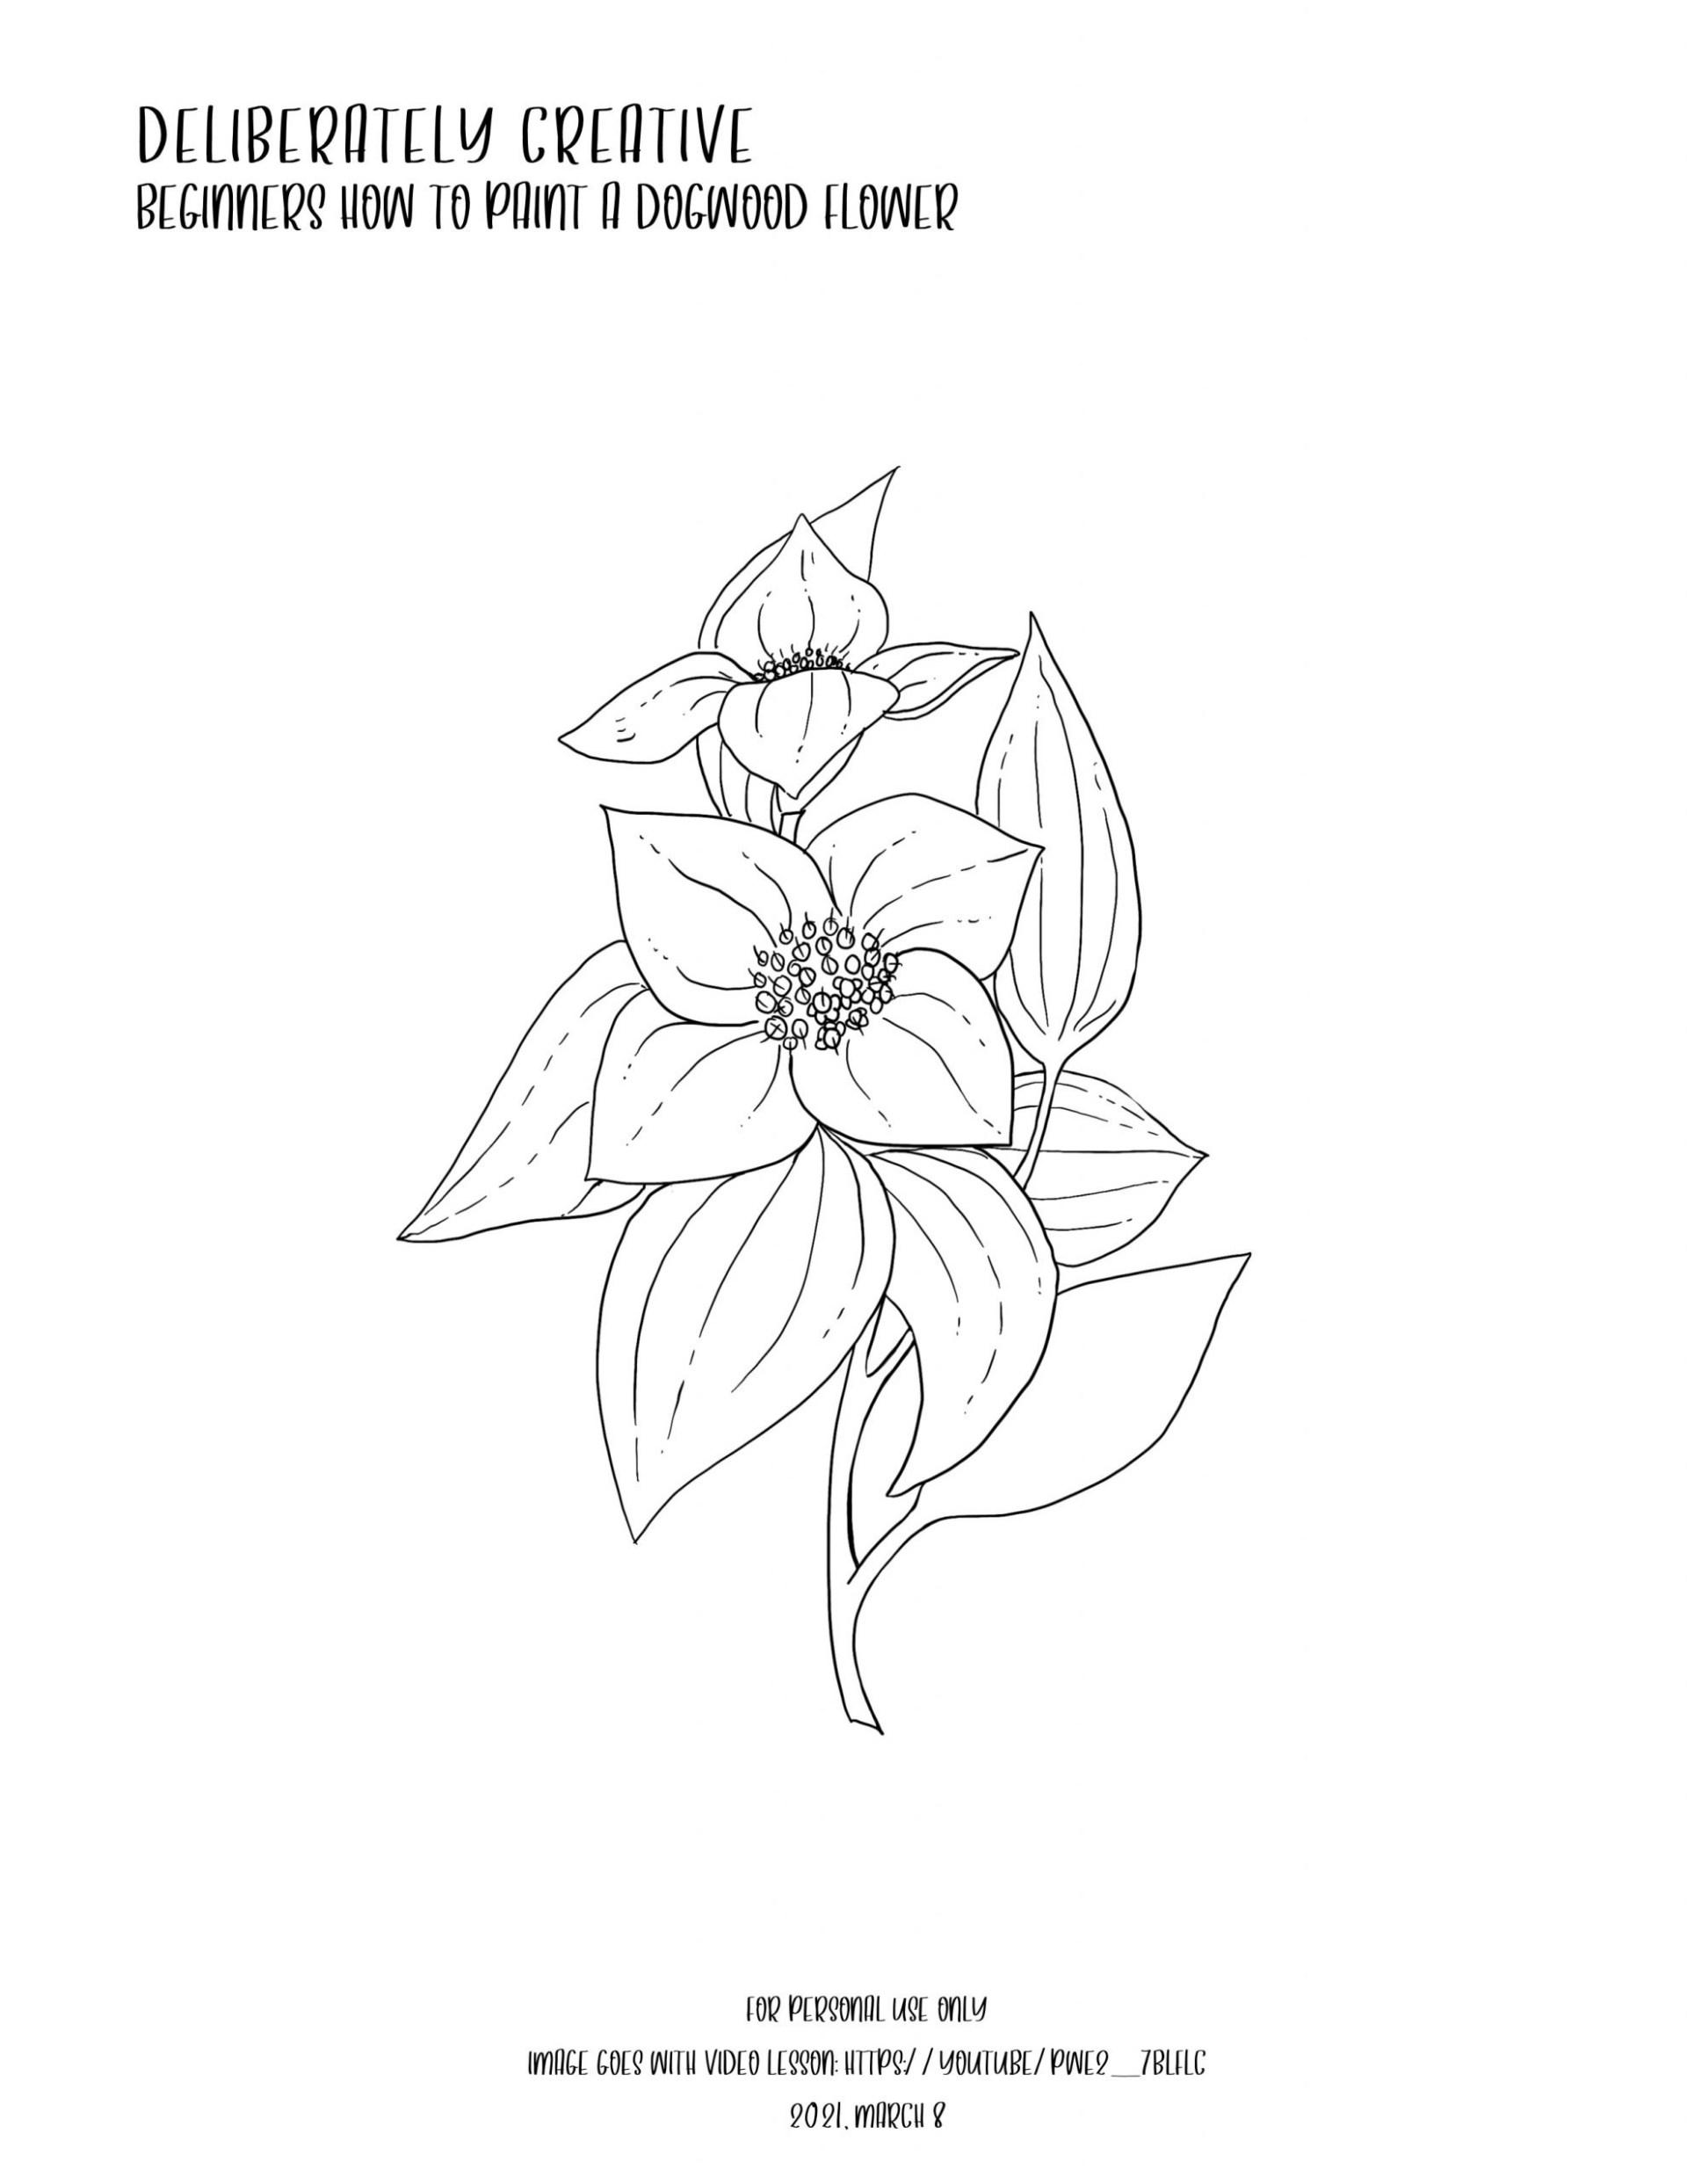 Black and white line art of dogwood flower